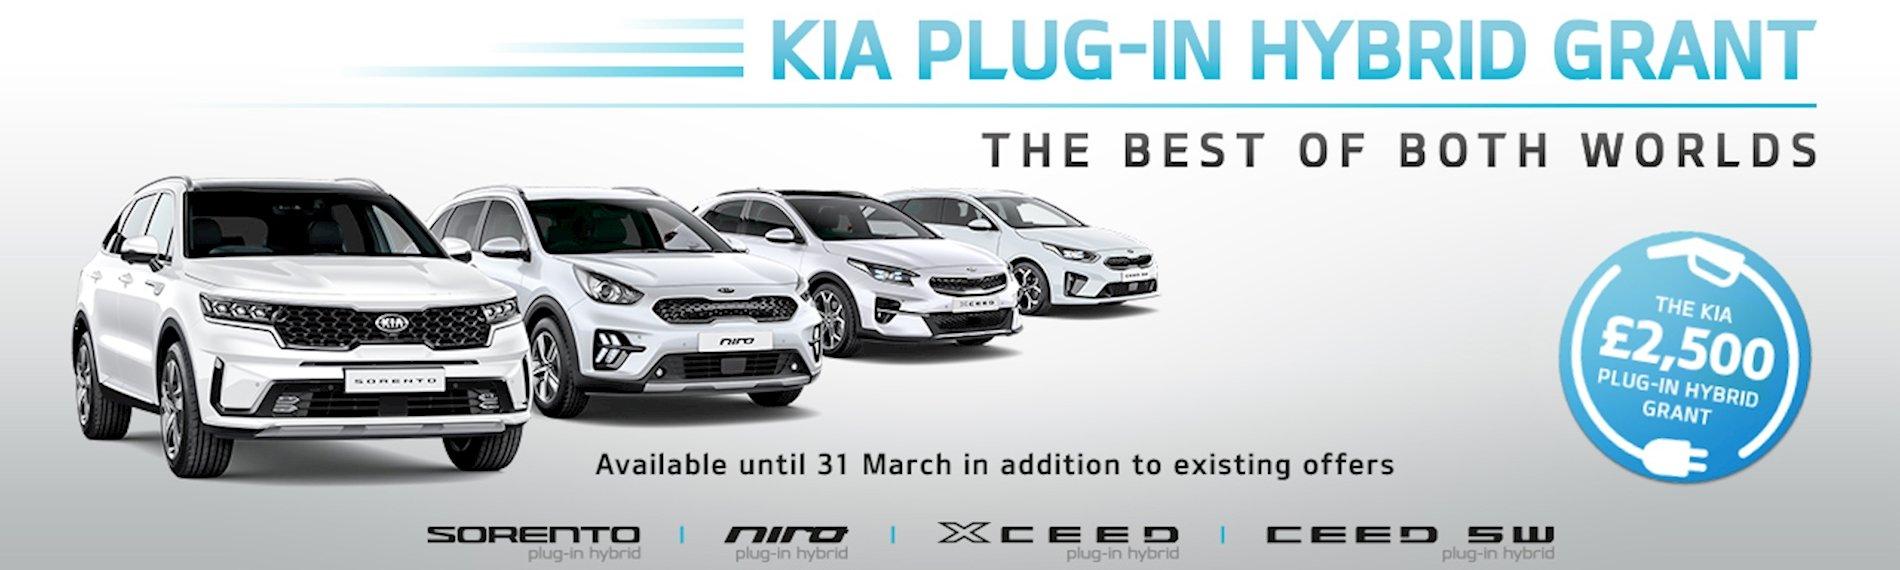 Kia Plug in hybrid grant